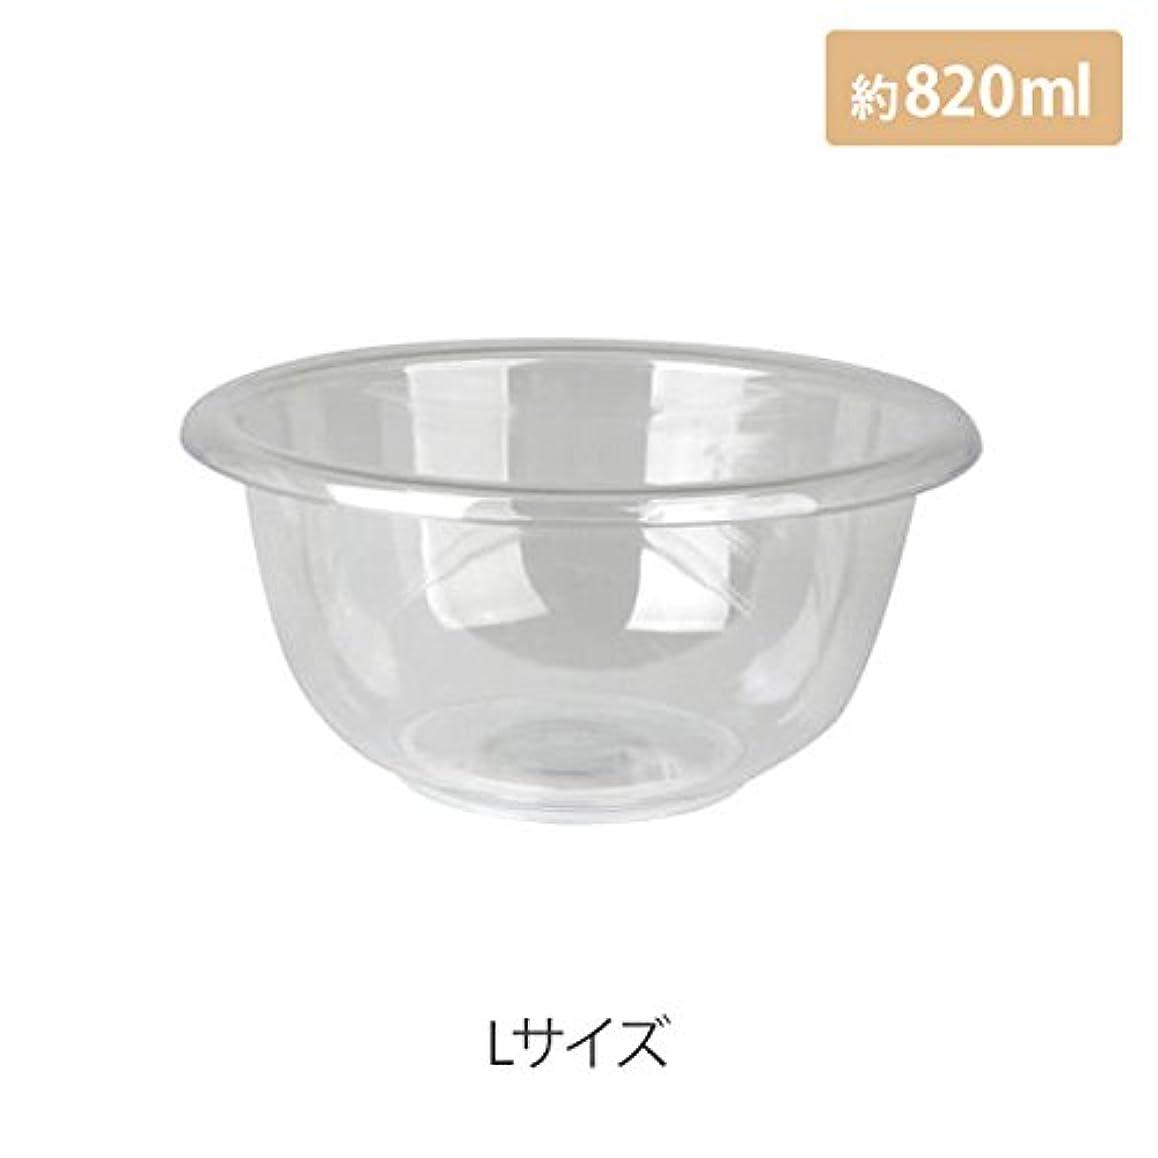 グローどこにも隠すマイスター プラスティックボウル (Lサイズ) クリア 直径19.5cm [ プラスチックボール カップボウル カップボール エステ サロン プラスチック ボウル カップ 割れない ]